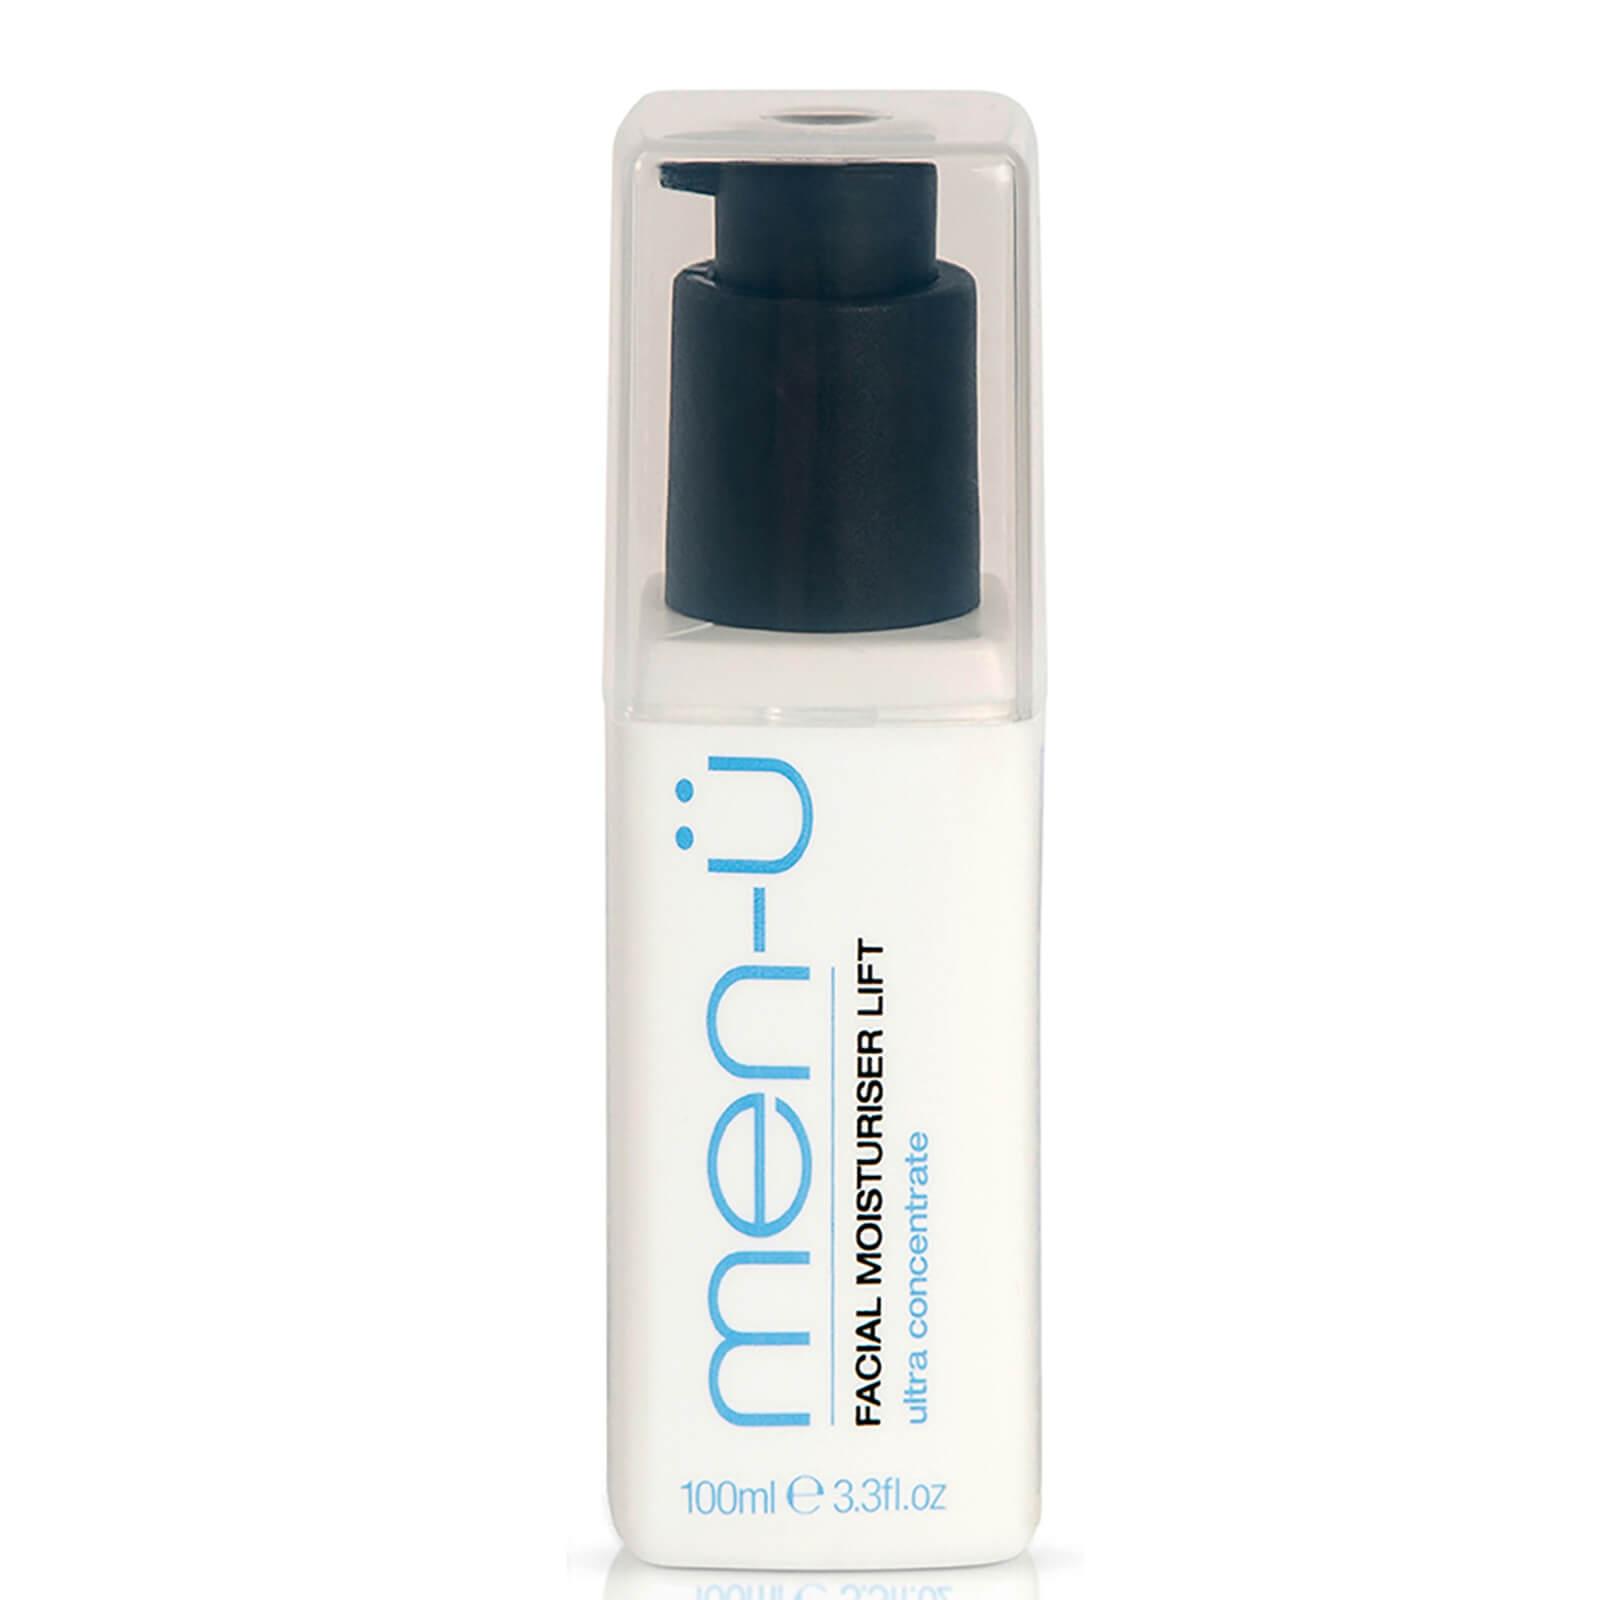 Купить Men-ü Facial Moisturiser Lift 100ml - With Pump